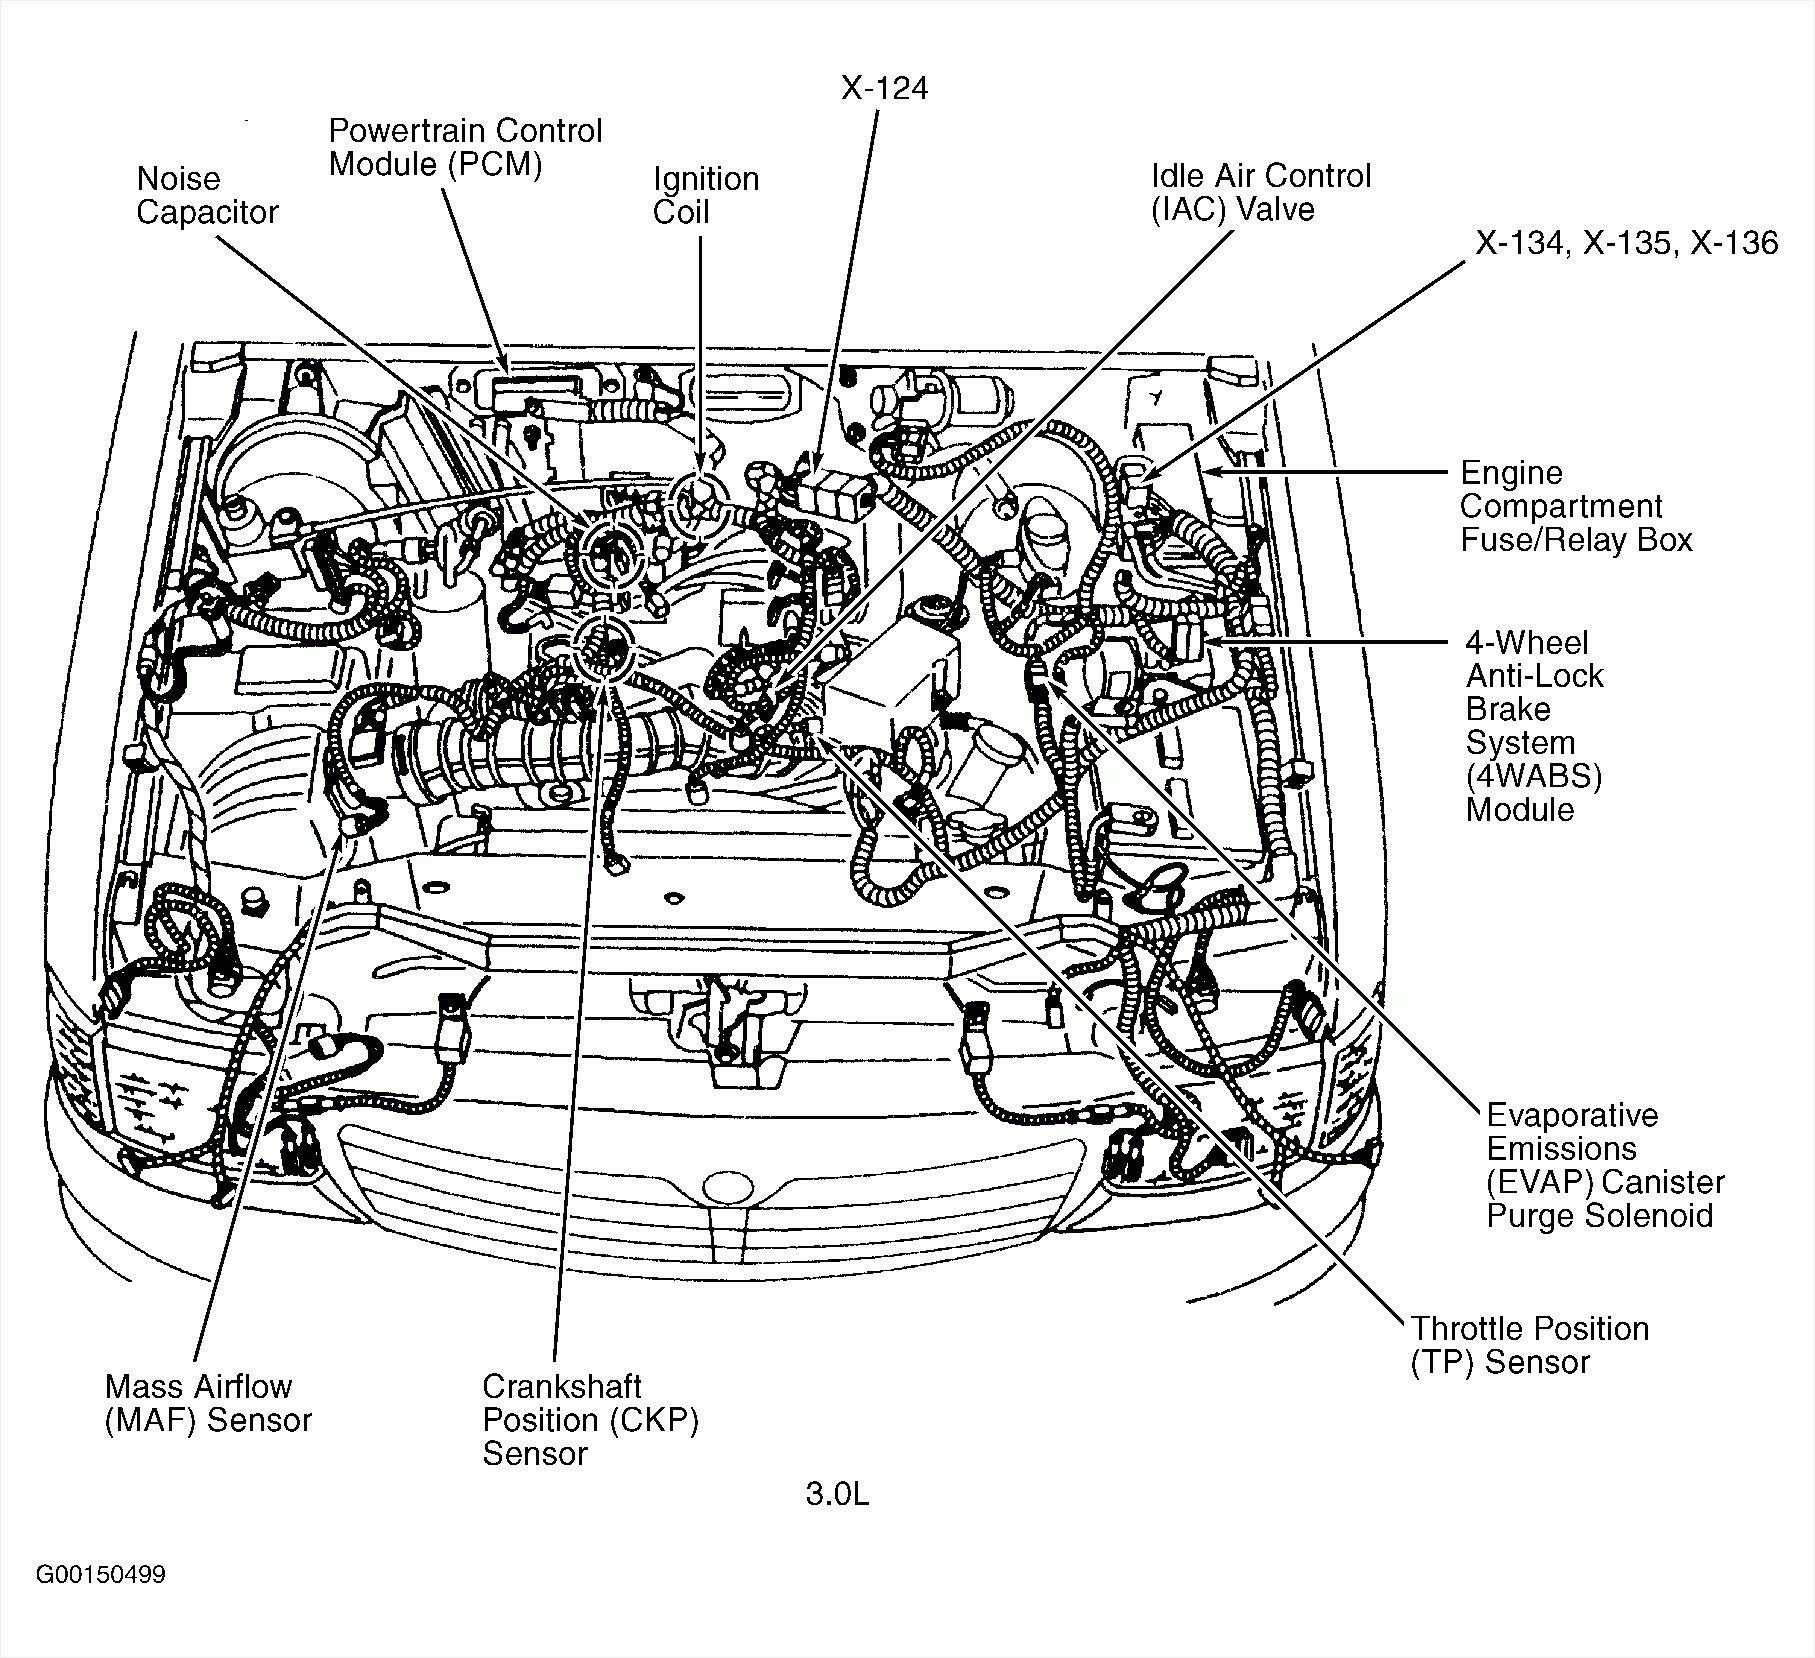 2001 Vw Passat 1 8 T Engine Diagram 1 8t Engine Wiring Diagram Wiring Diagram New Of 2001 Vw Passat 1 8 T Engine Diagram